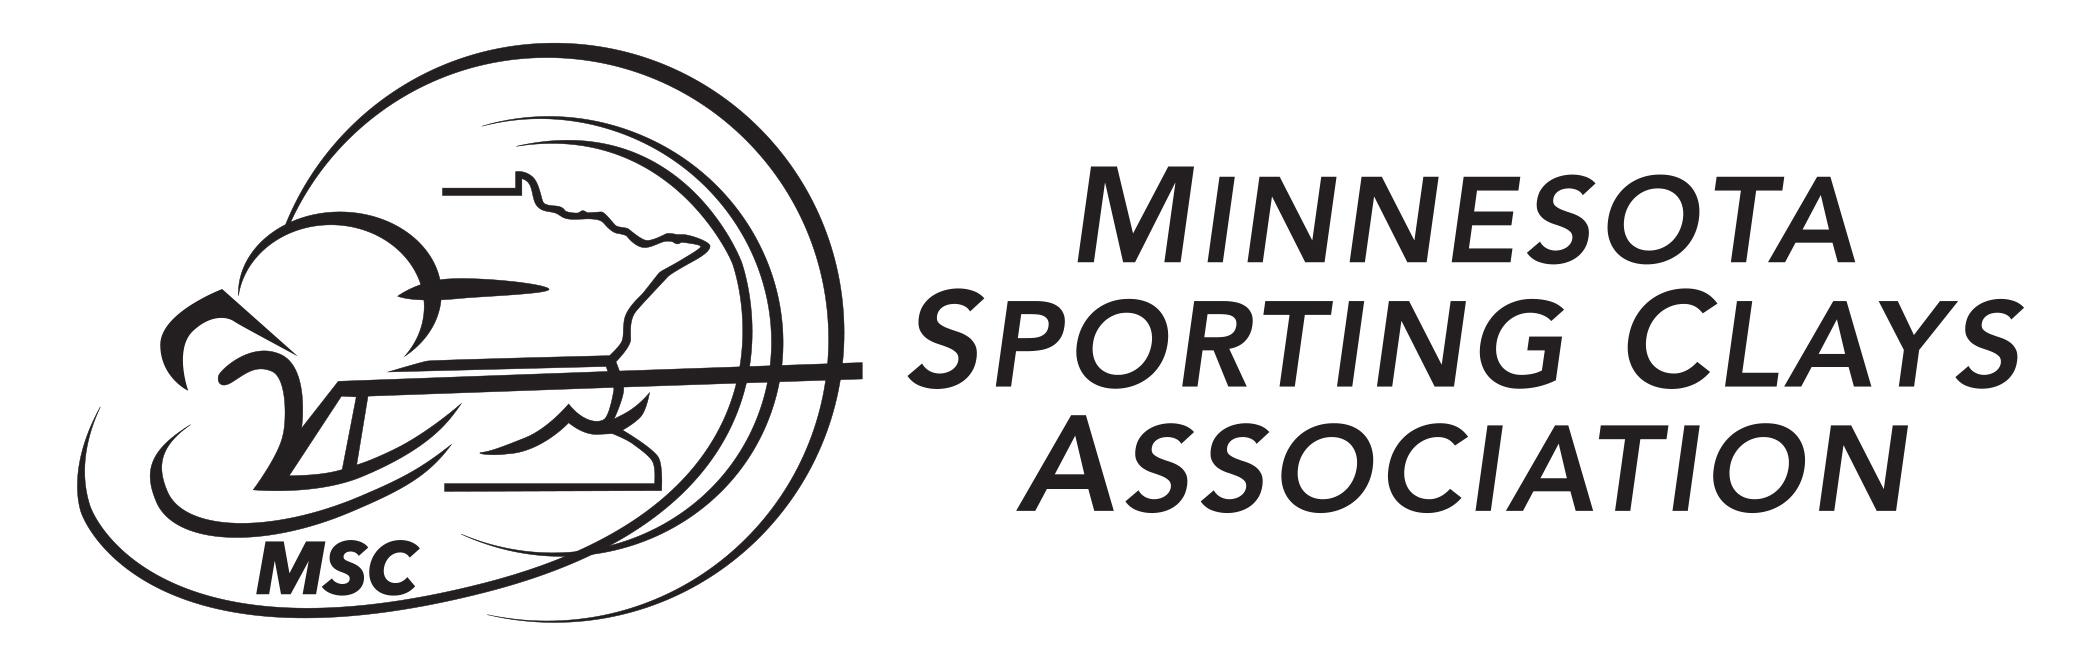 MSCA_Banner_logo